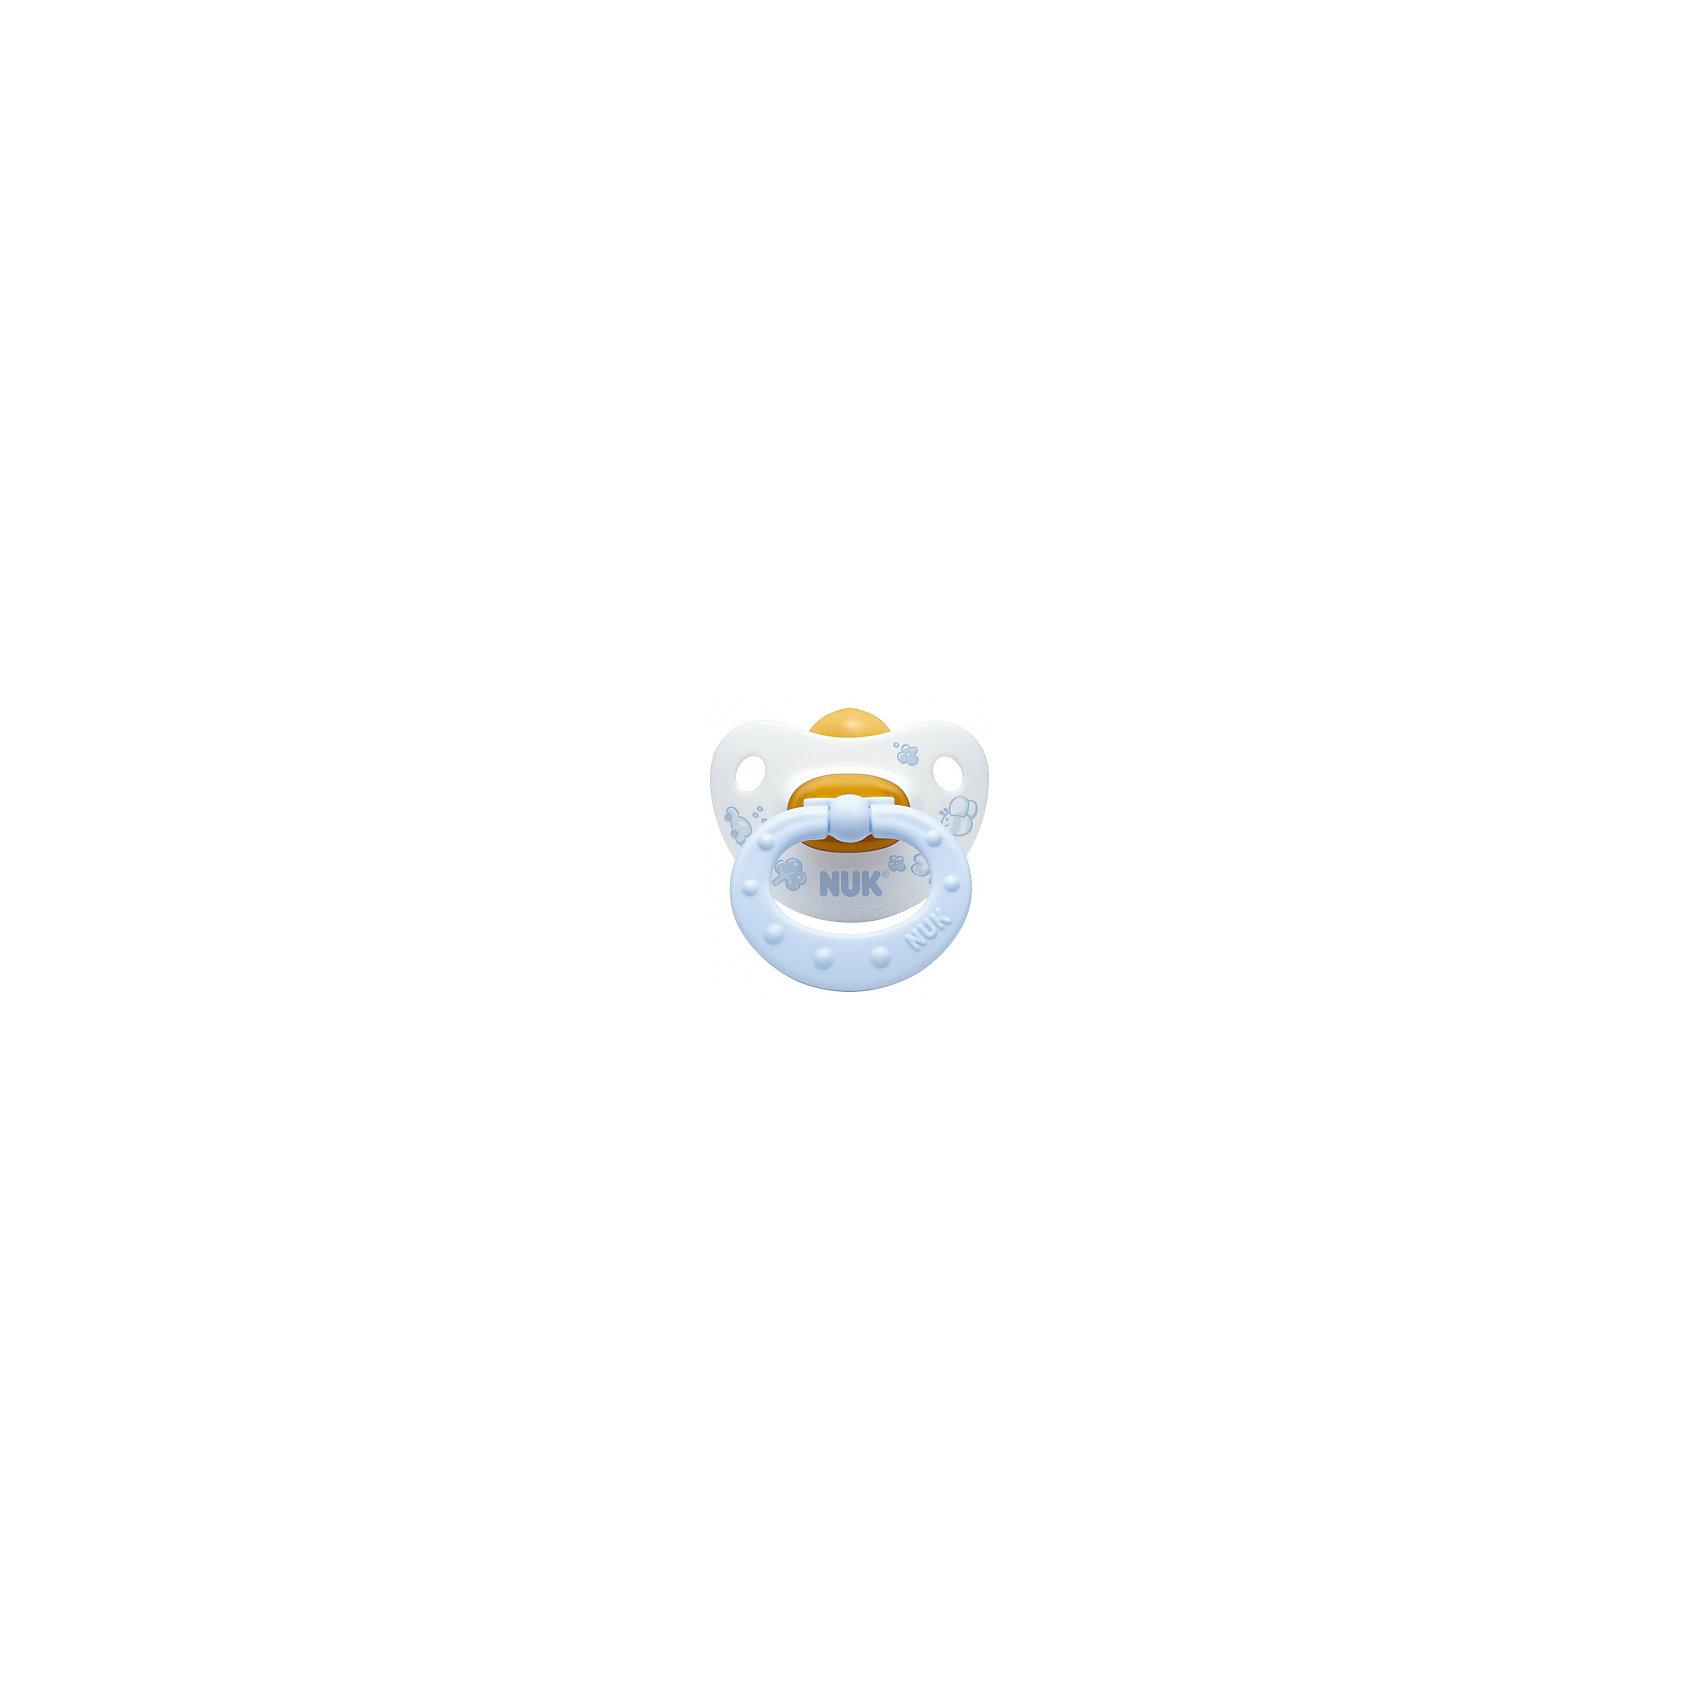 Пустышка для сна с кольцом Латекс, р. 2, Baby Blue, NUKПустышка для сна имеет ортодонтическую форму, что обеспечивает правильное формирование прикуса и челюстно-лицевого аппарата. Пустышка идеально прилегает к лицу и подходит по форме к ротовой полости малыша. Клапанная система NUK AIR SYSTEM позволяет воздуху выходить через специальное отверстие, поэтому, пустышка сохраняет свою форму и мягкость. В загубнике есть два симметричных отверстия, которые обеспечивают крохе легкое дыхание ночью.  Кольцо пустышки складывается, благодаря этому она не сдавливает лицо малыша во время сна. Пустышка выполнена из гипоаллергенных материалов безопасных для детей.<br><br>Дополнительная информация:<br><br>- Материал: латекс, пластик.<br>- Размер: 2<br>- Цвет: нежно-голубой, белый. <br>- Клапанная система NUK AIR SYSTEM.<br><br>Пустышку для сна с кольцом Латекс, р. 2, Baby Blue, NUK можно купить в нашем магазине.<br><br>Ширина мм: 110<br>Глубина мм: 200<br>Высота мм: 130<br>Вес г: 30<br>Возраст от месяцев: 6<br>Возраст до месяцев: 18<br>Пол: Мужской<br>Возраст: Детский<br>SKU: 3932413